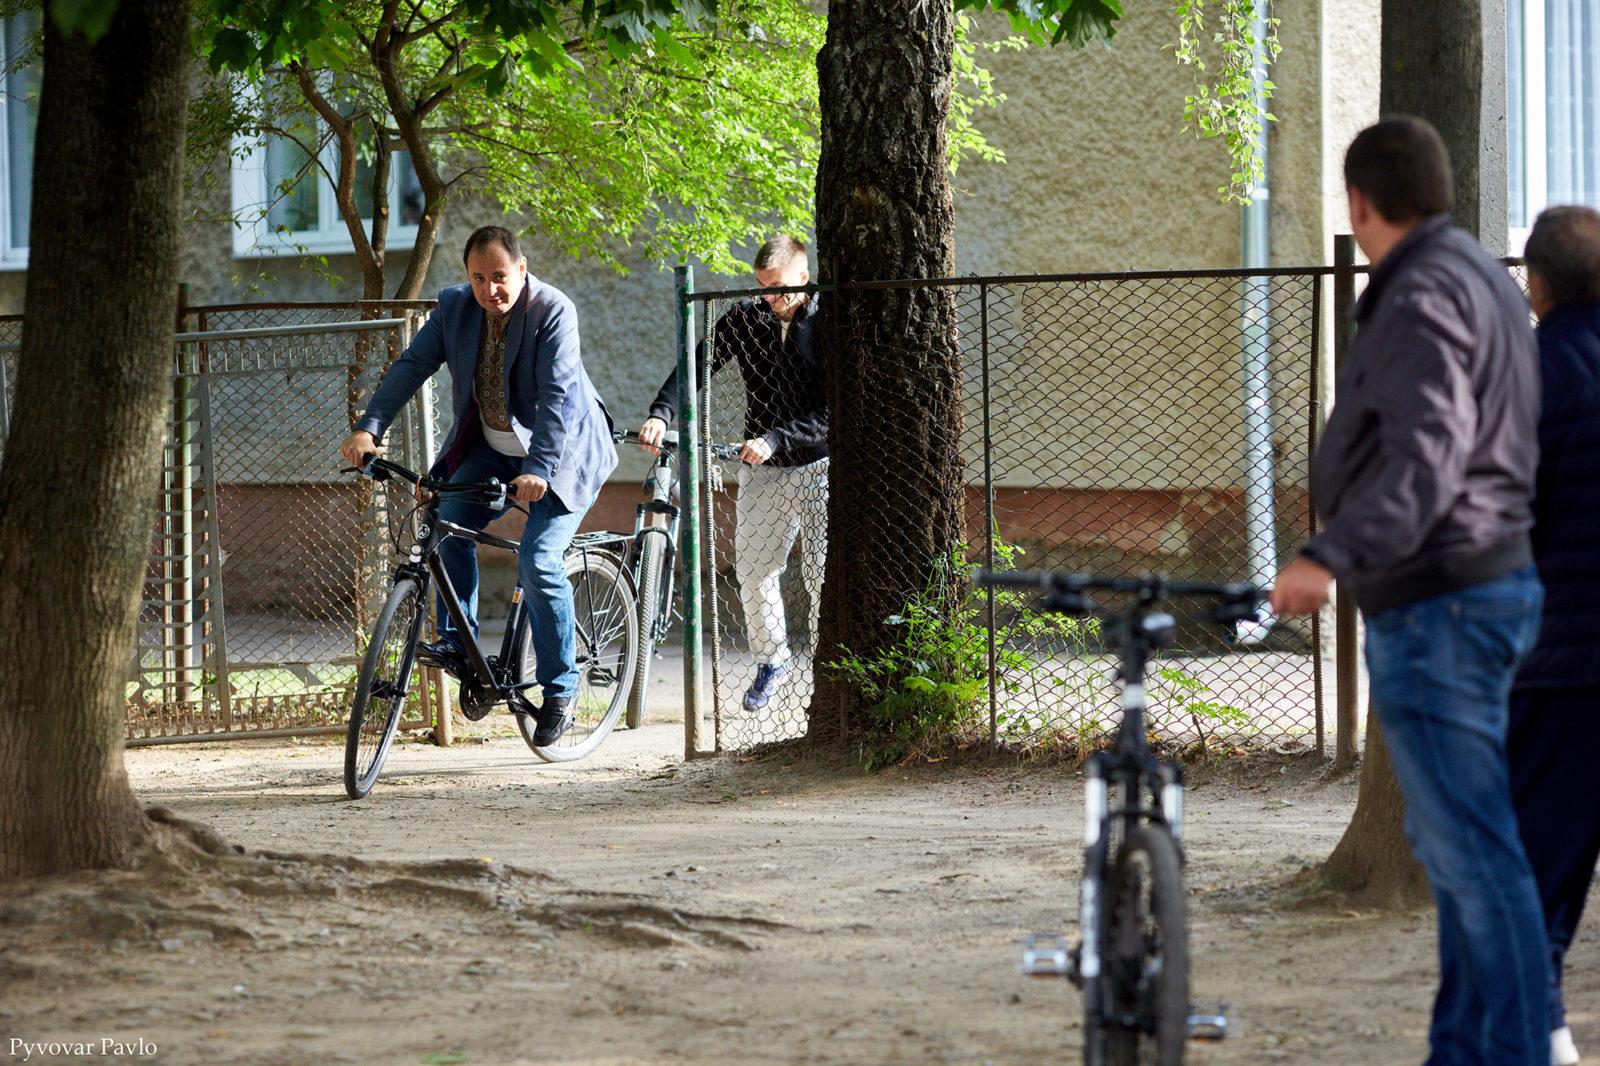 Марцінків на велосипеді перевірив, як прибирають вулиці Хмельницького та Вовчинецьку 2